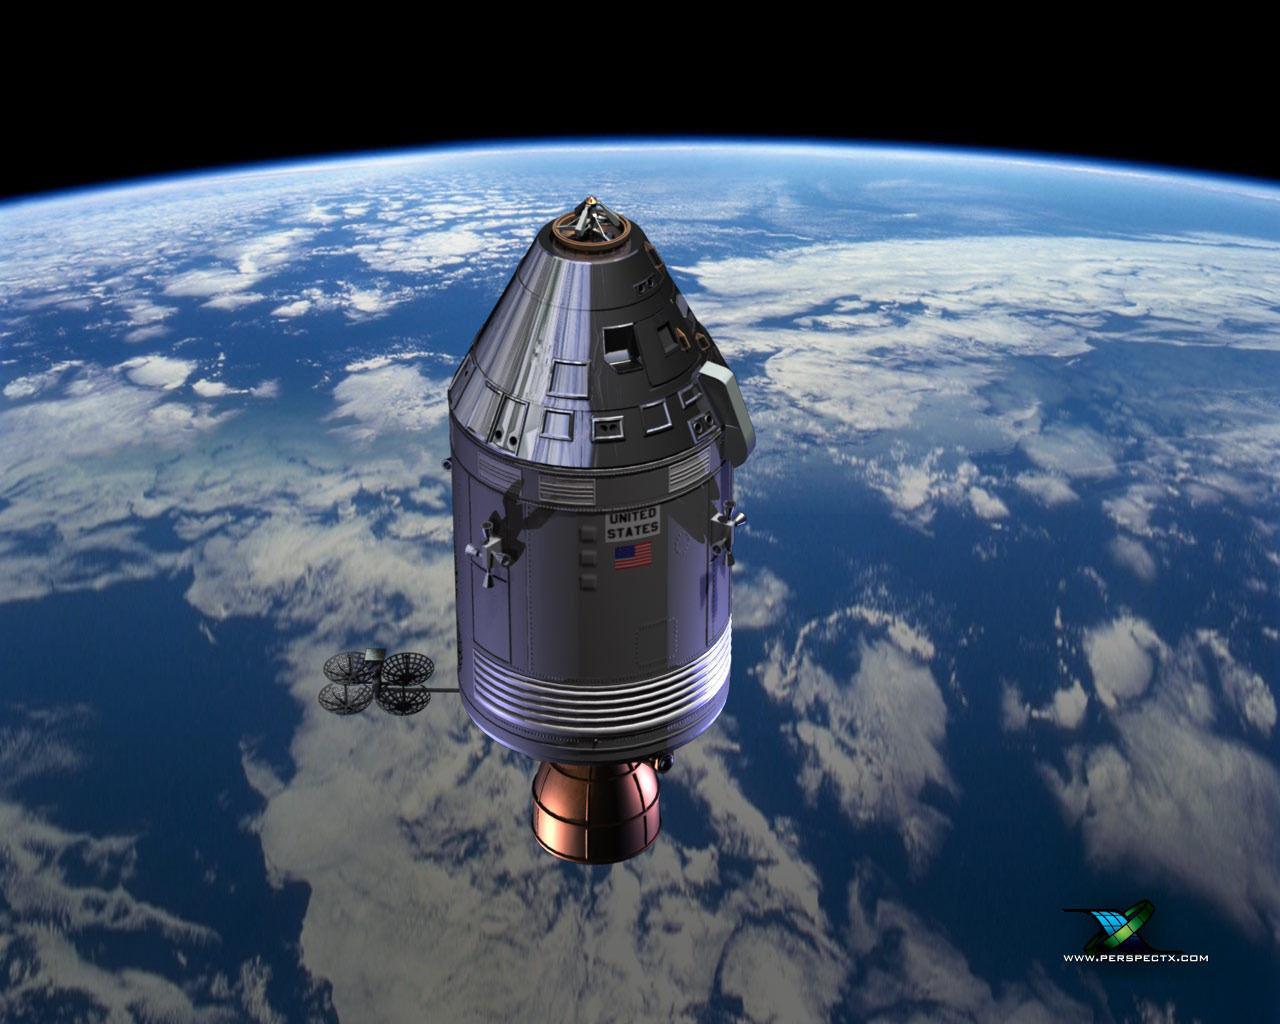 apollo spacecraft command module - photo #19